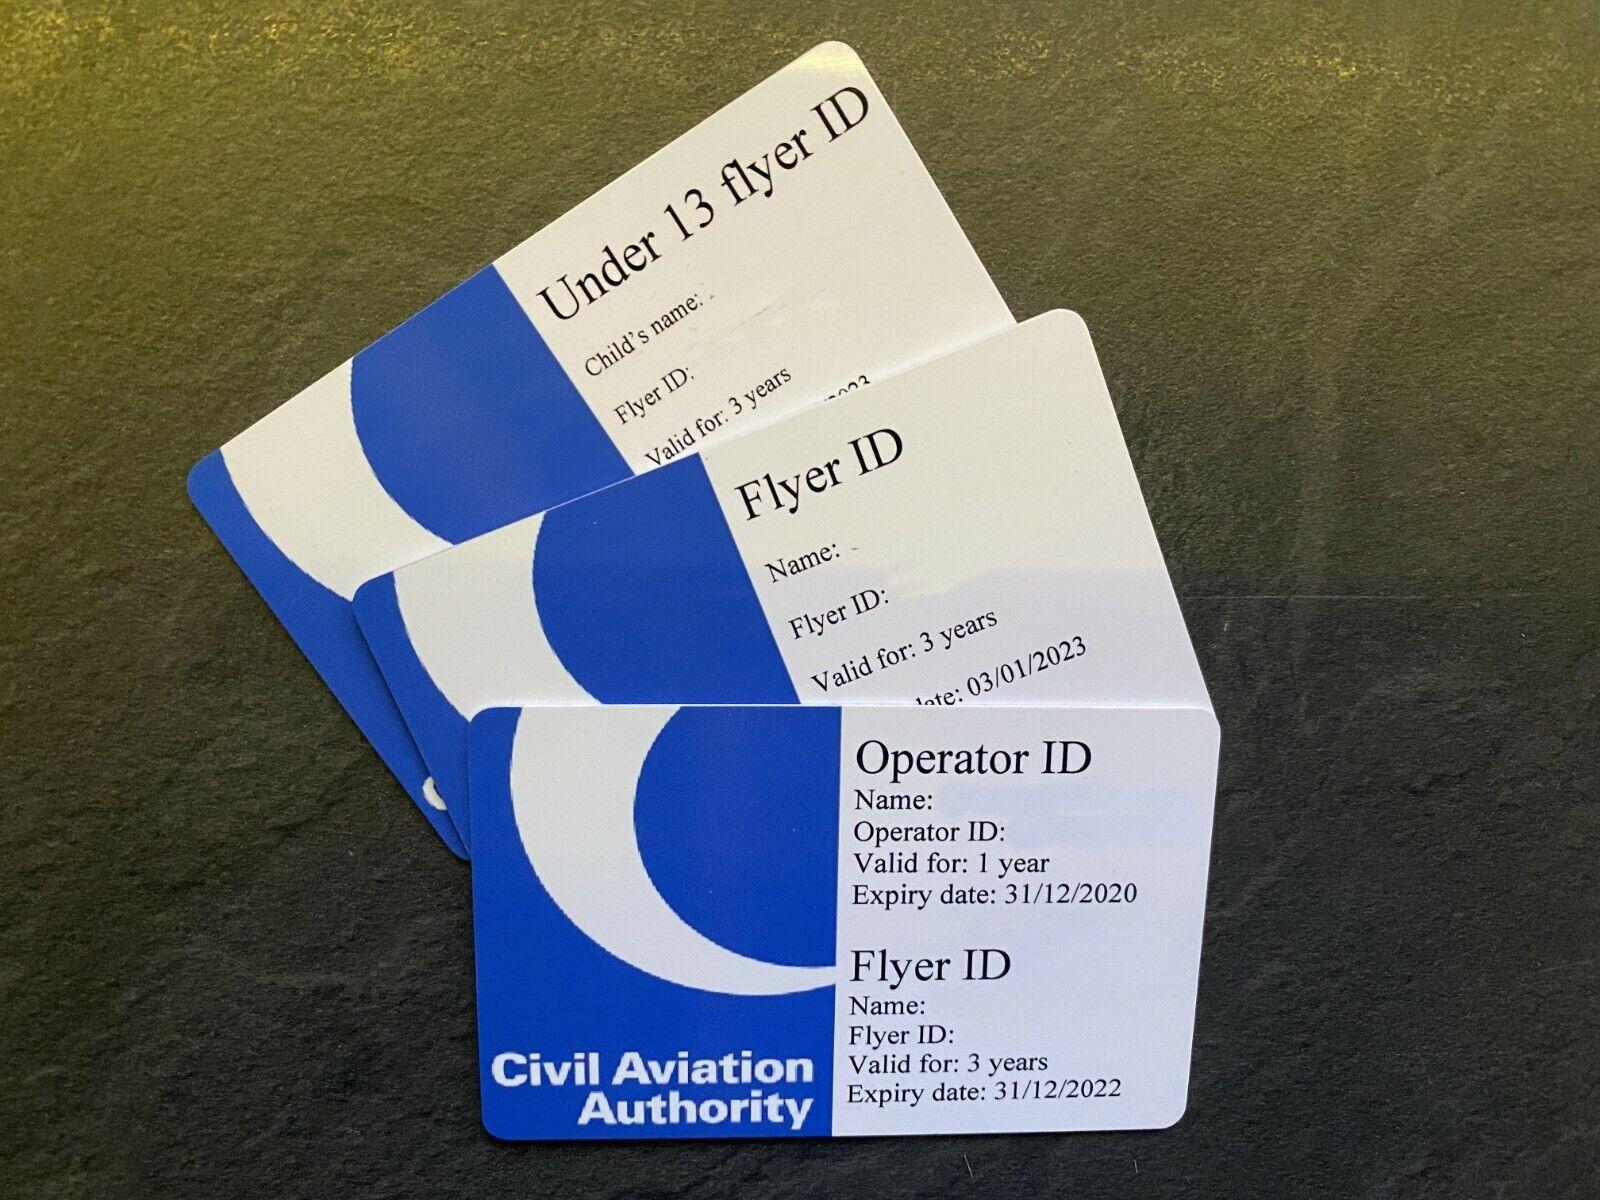 Drone ID Card - Operator ID Flyer ID Drone Pilot ID Card - CAA UAV Pilot ID